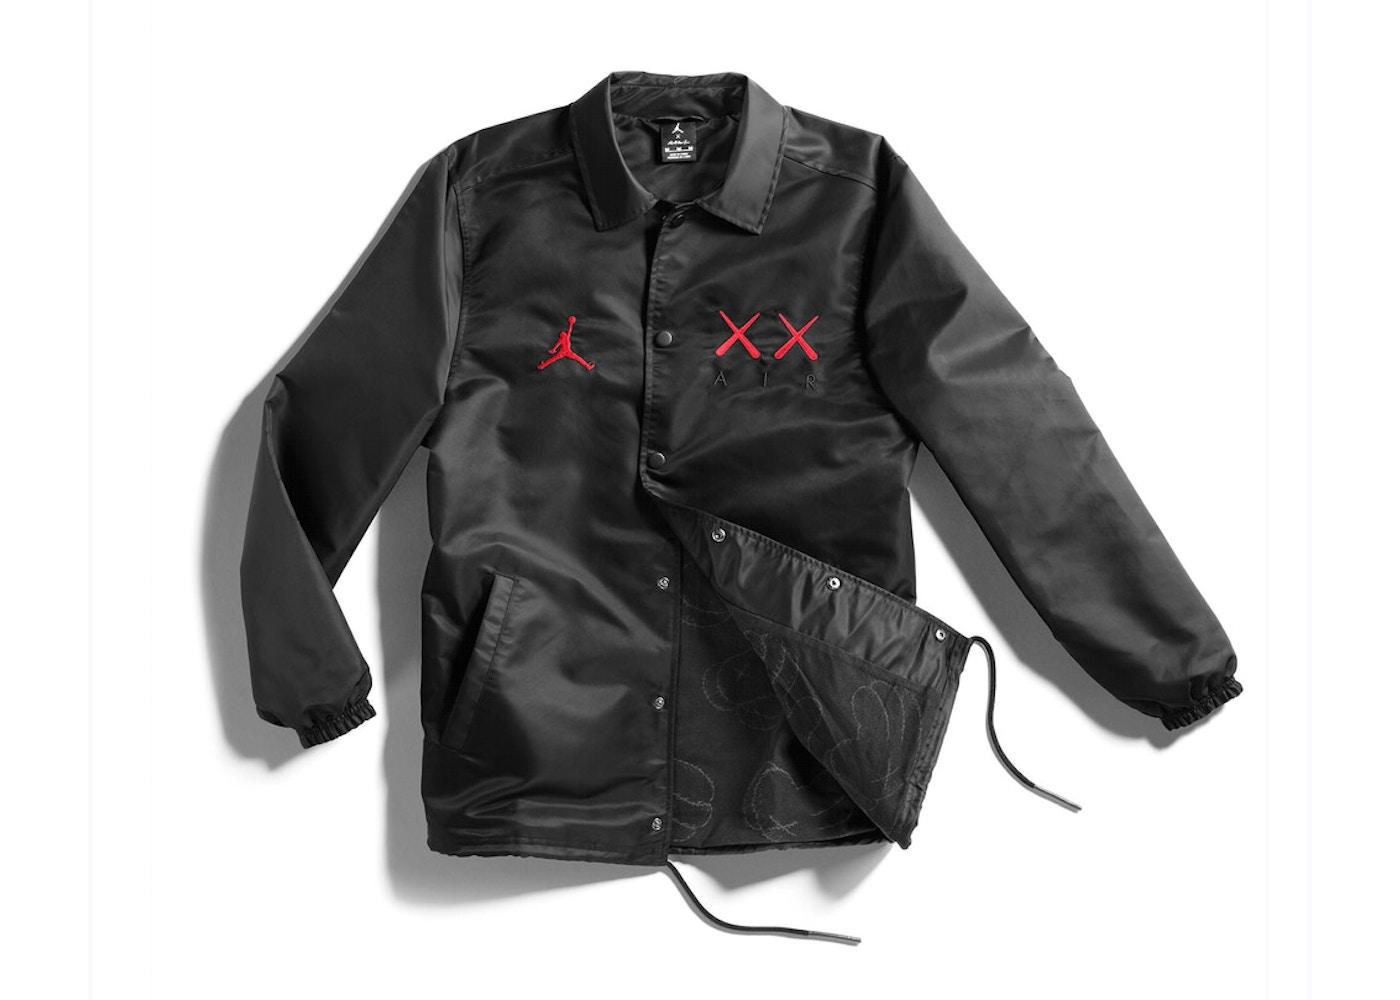 9ac8cea1ca7 Kaws x Jordan Satin Coaches Jacket Black - 2017